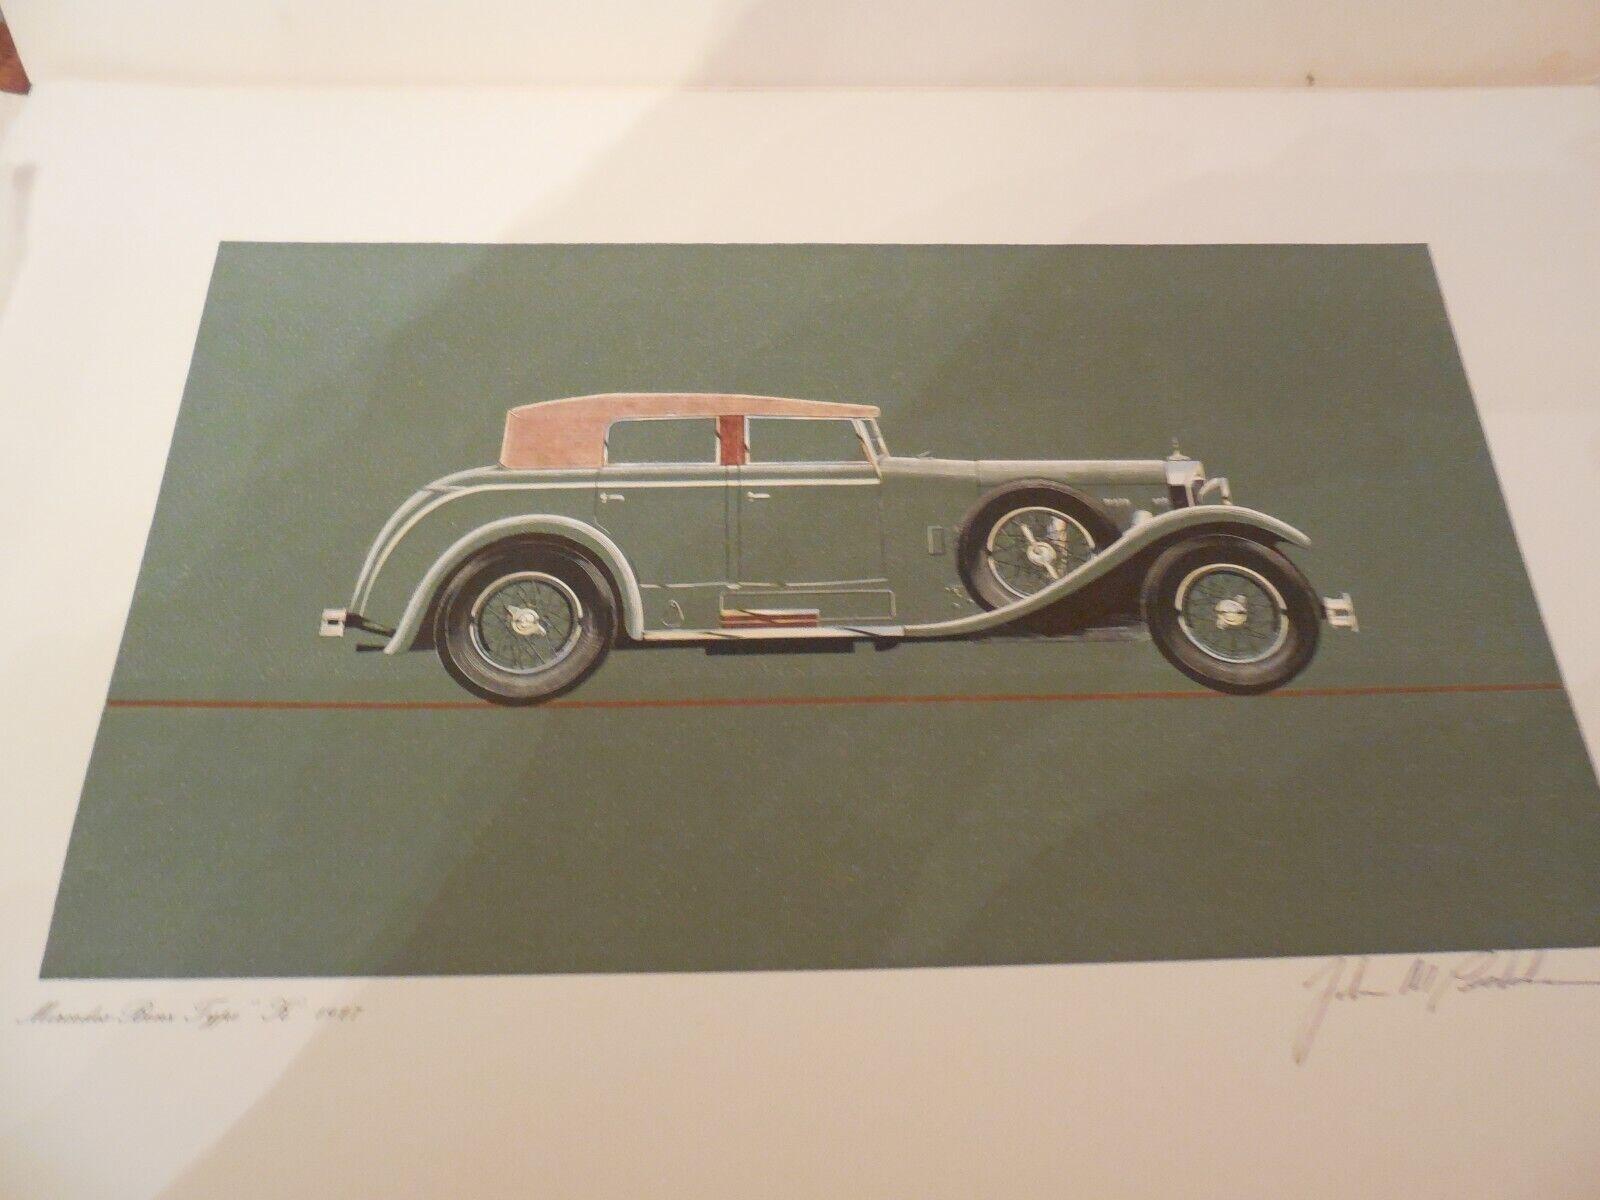 Vintage 1950s Mercedes Benz  on eBay thumbnail